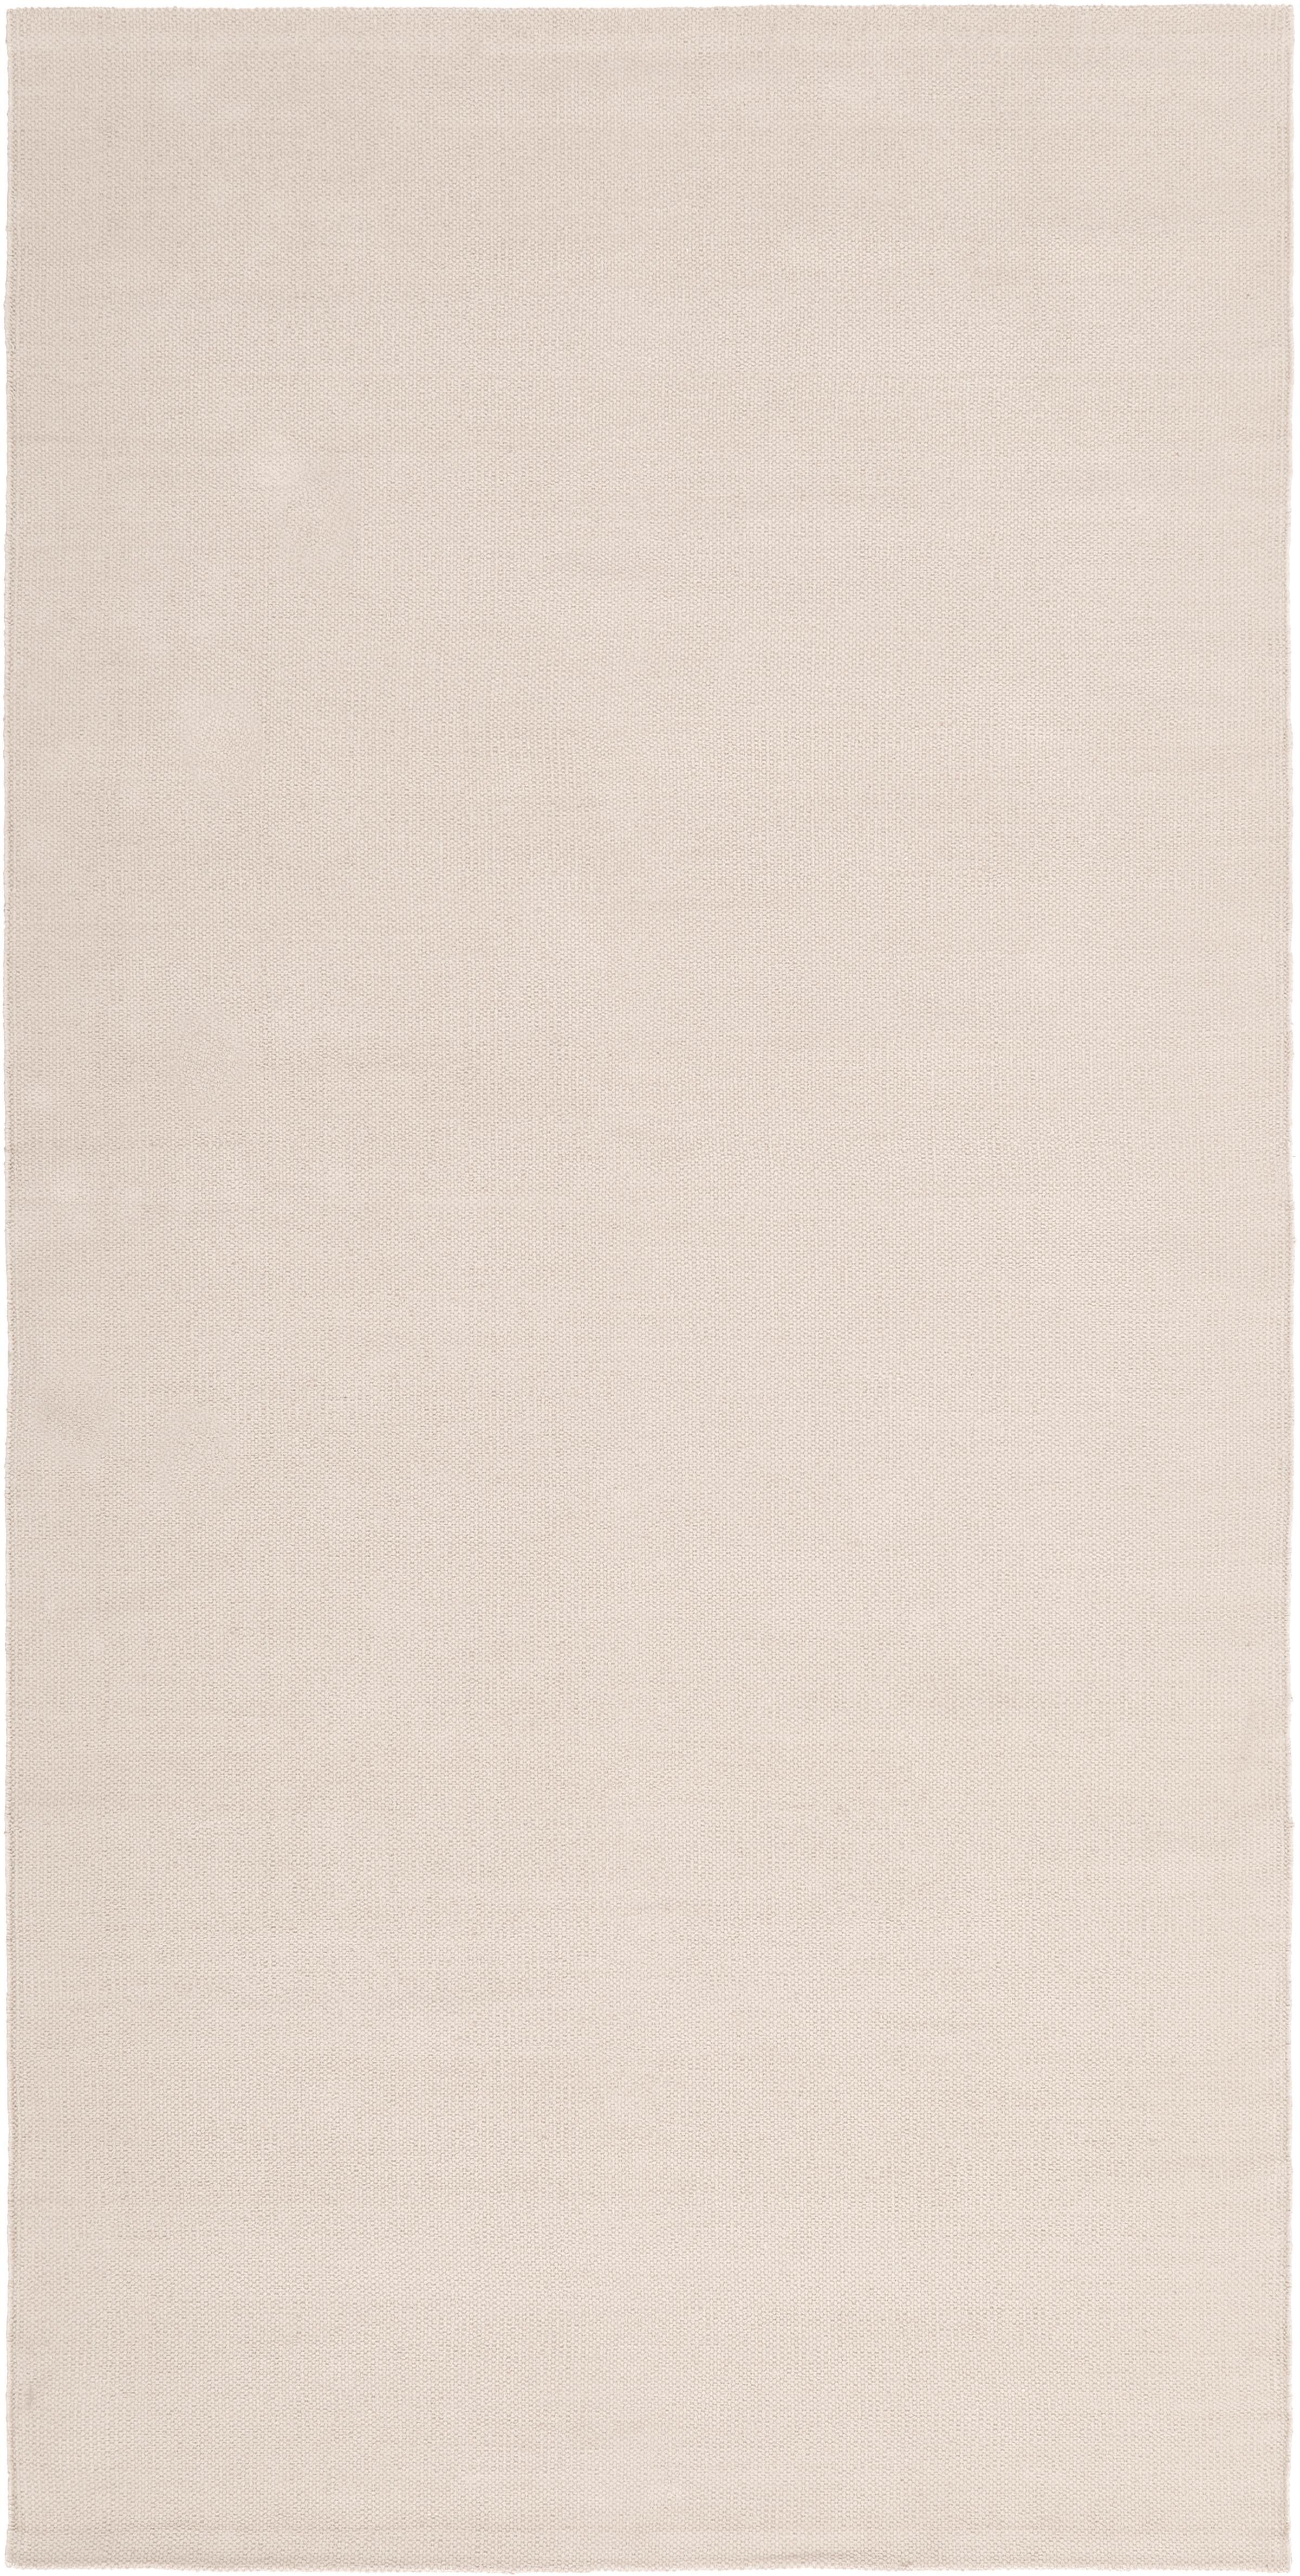 Ręcznie tkany dywan z bawełny Agneta, Bawełna, Beżowy, S 70 x D 140 cm